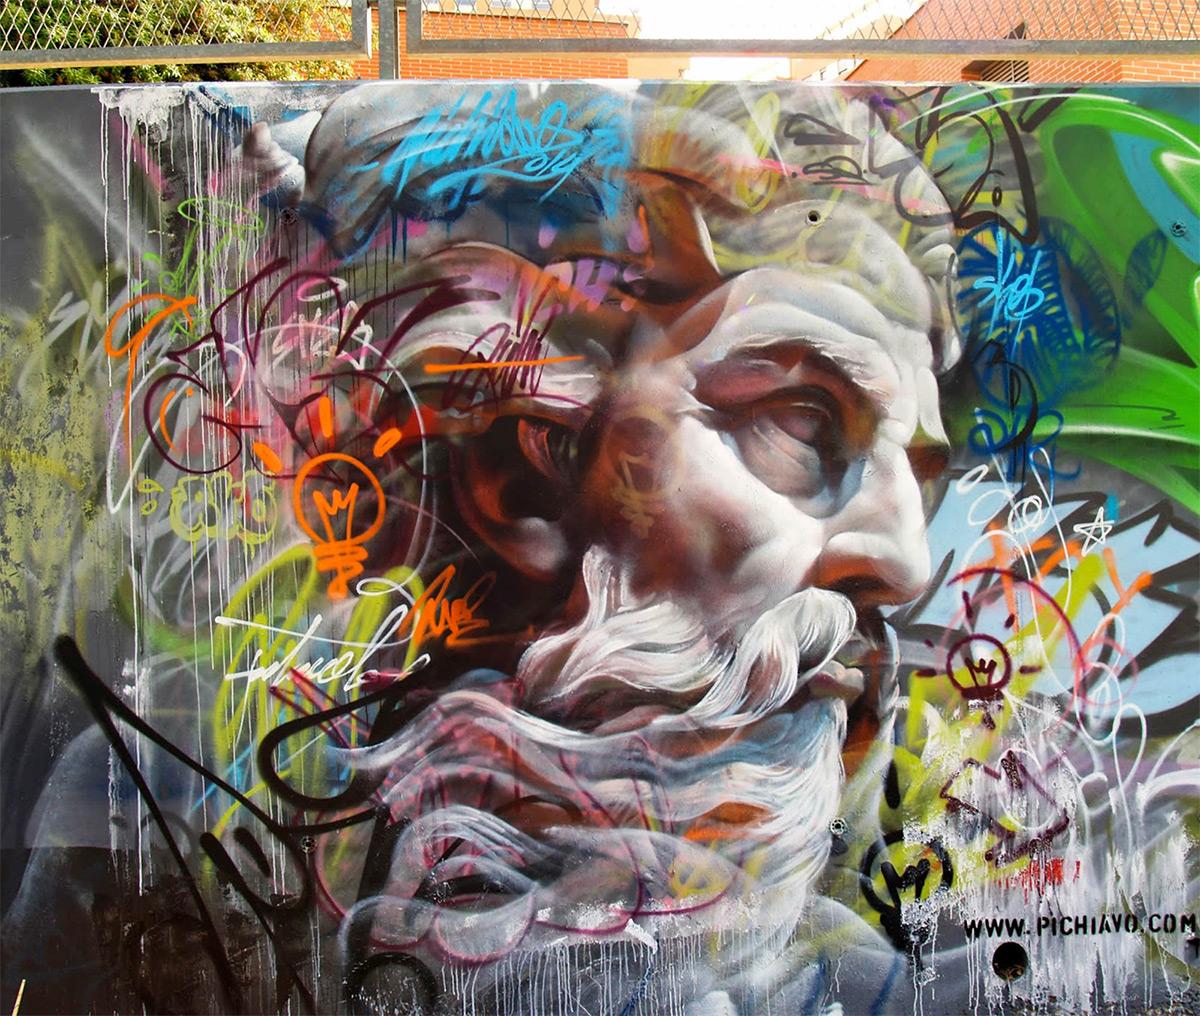 arte-urbana-mitologia-3